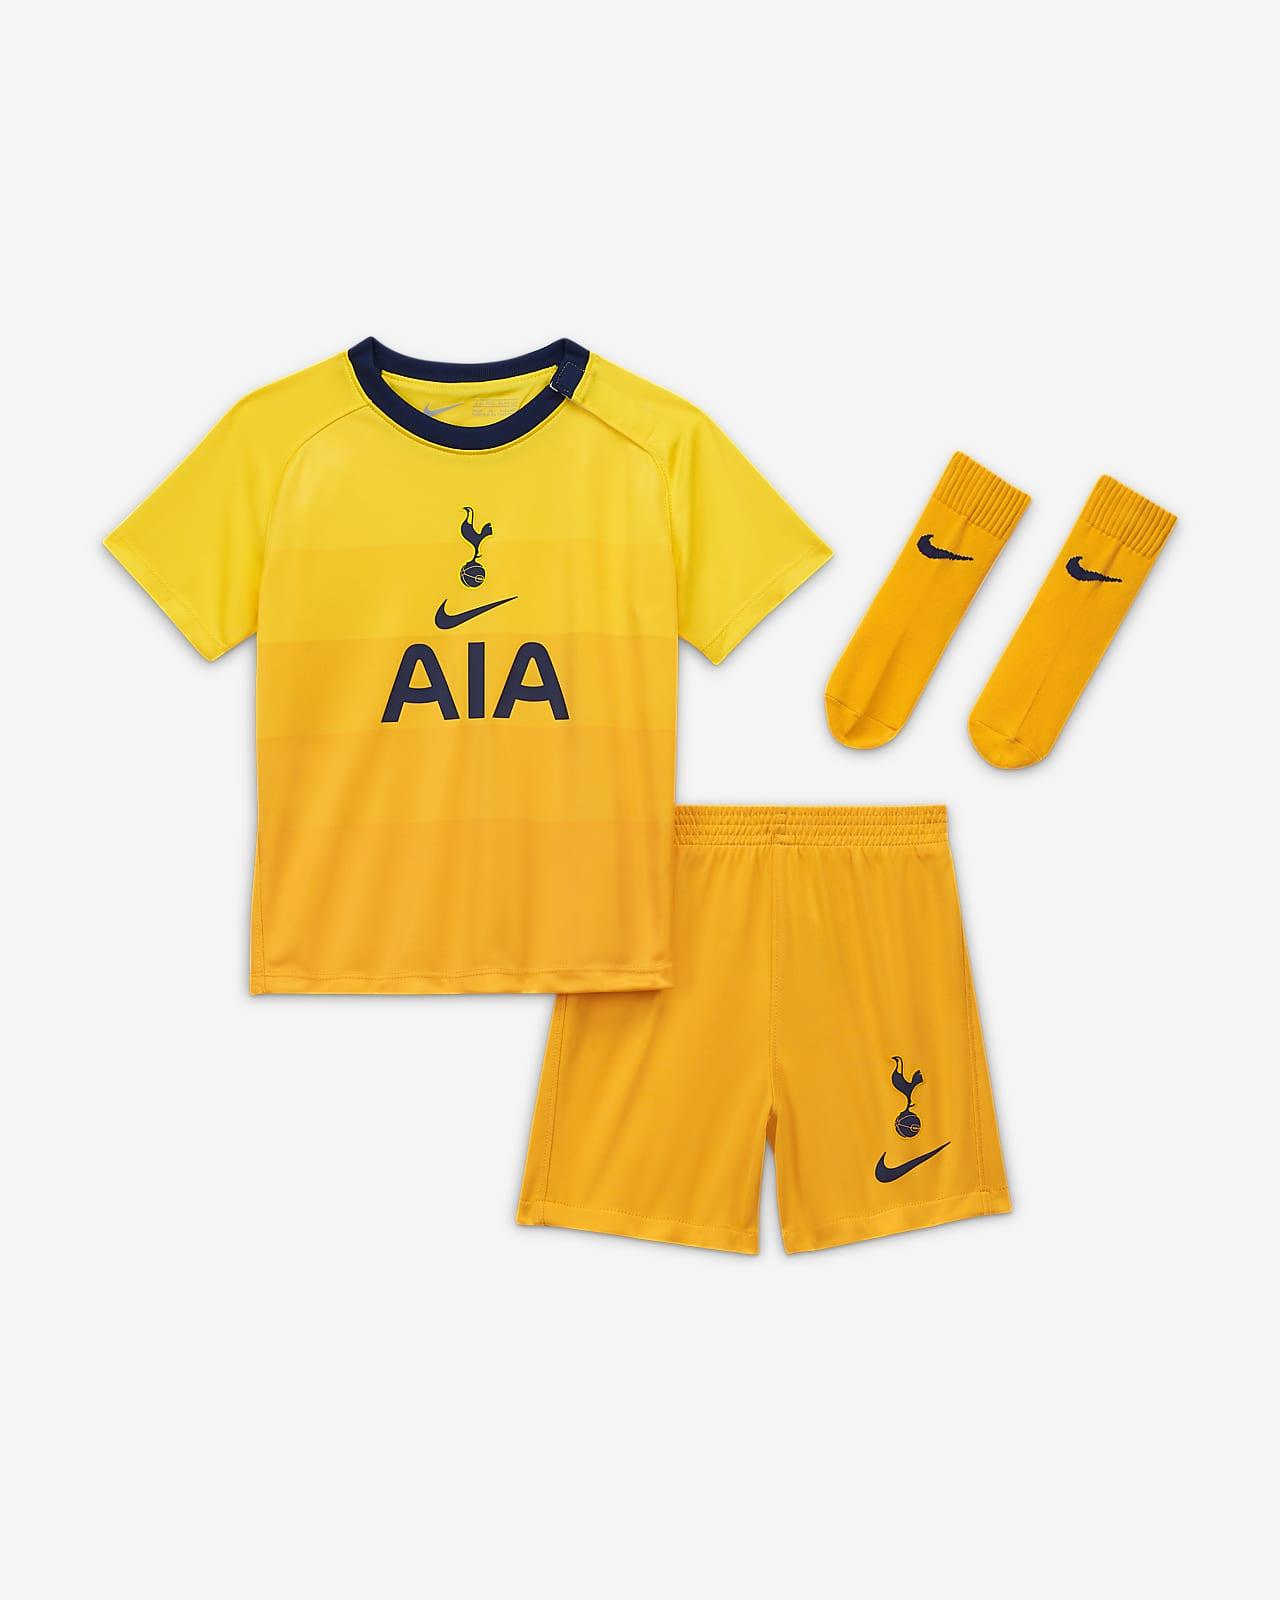 Tercera equipación Tottenham Hotspur 2020/21 Equipación de fútbol - Bebé e infantil